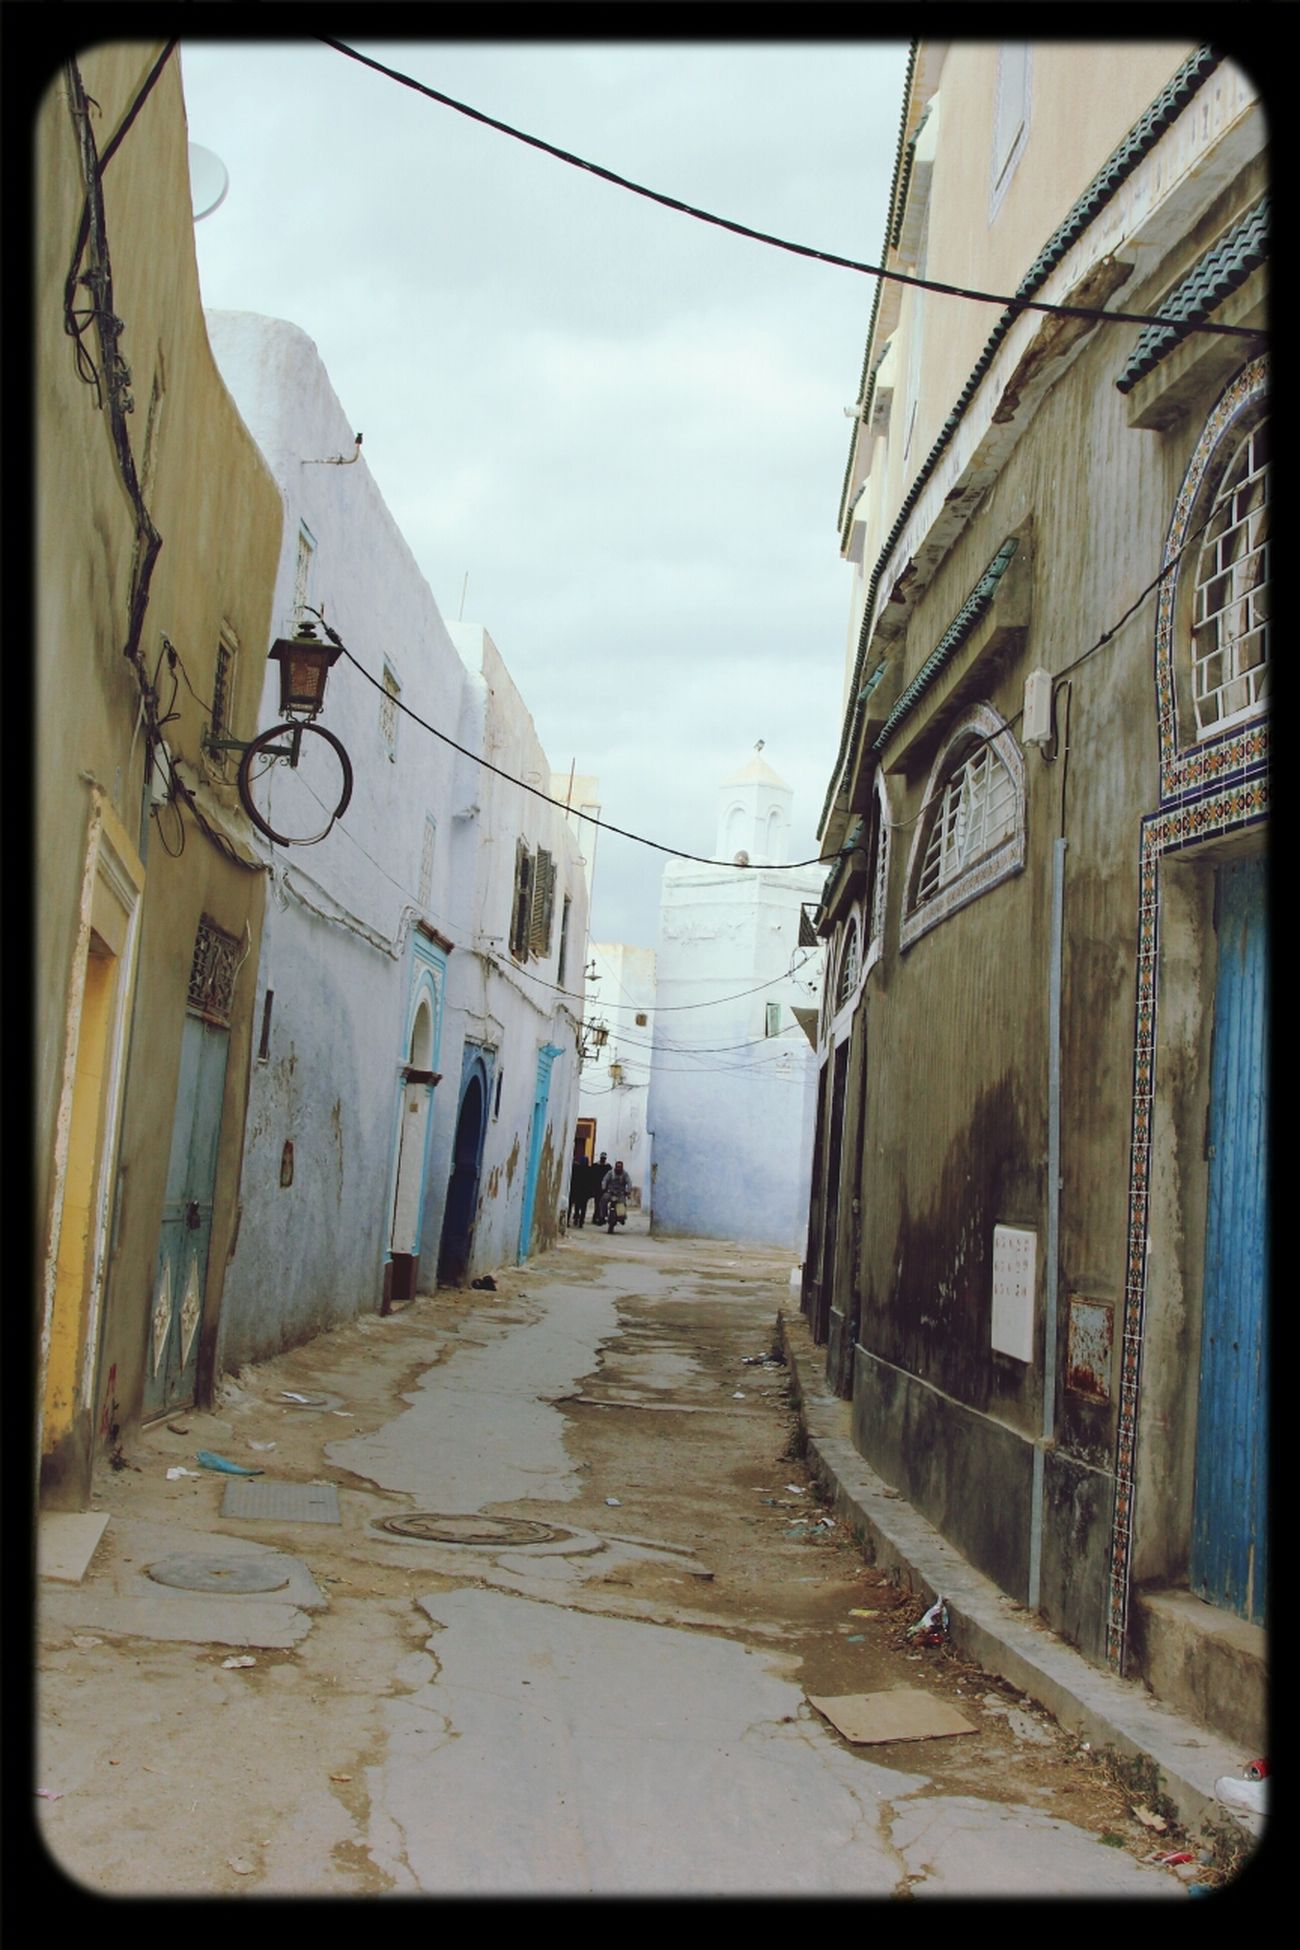 البﻻد العربي القيروان القيروان تونس Kairaouan Tunisia